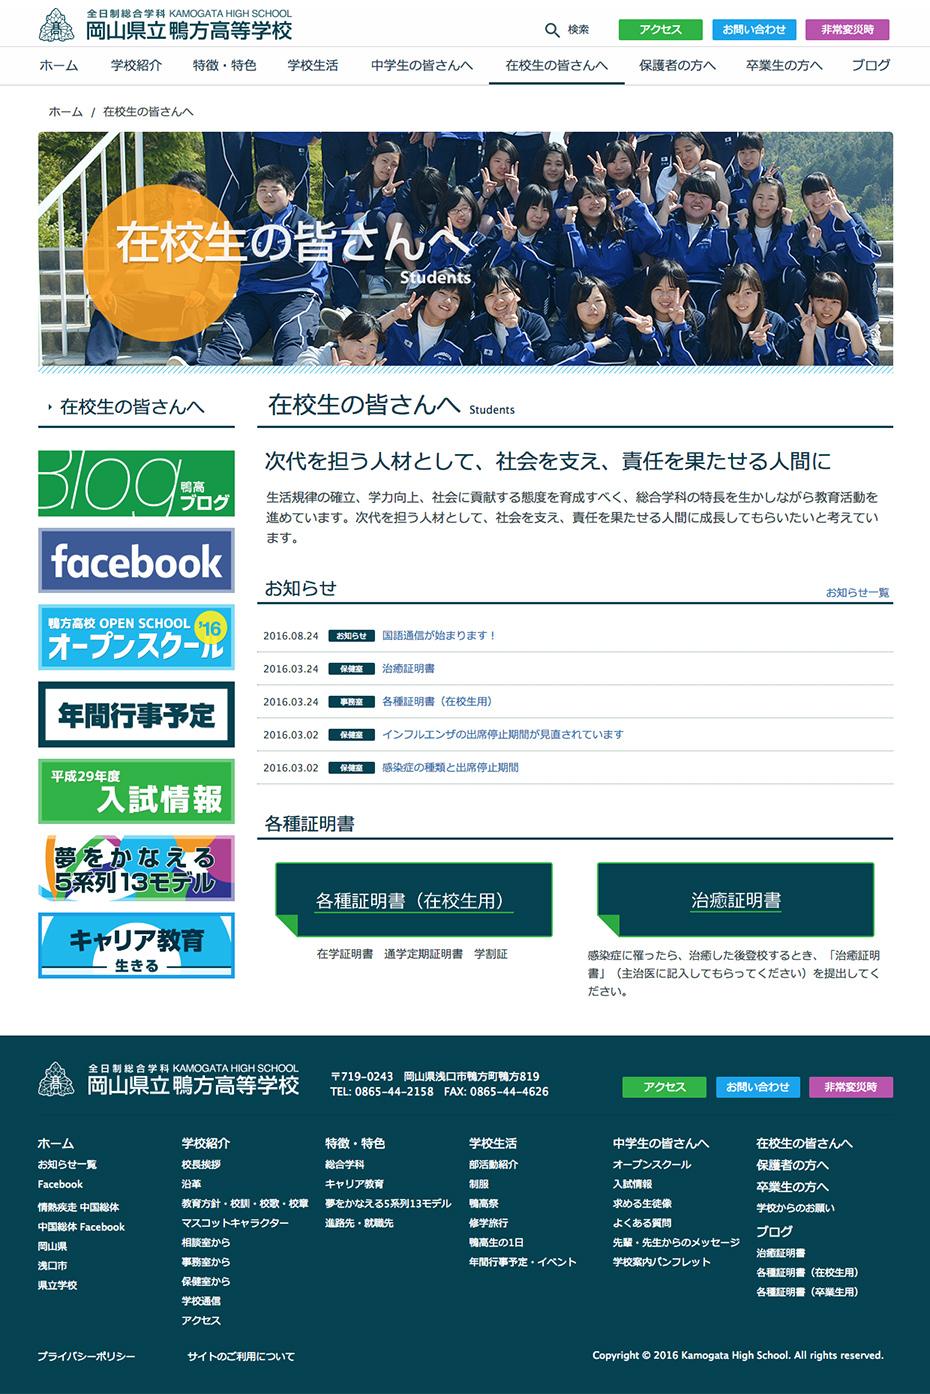 岡山県立鴨方高等学校様 ホームページ 在校生の皆さんへ